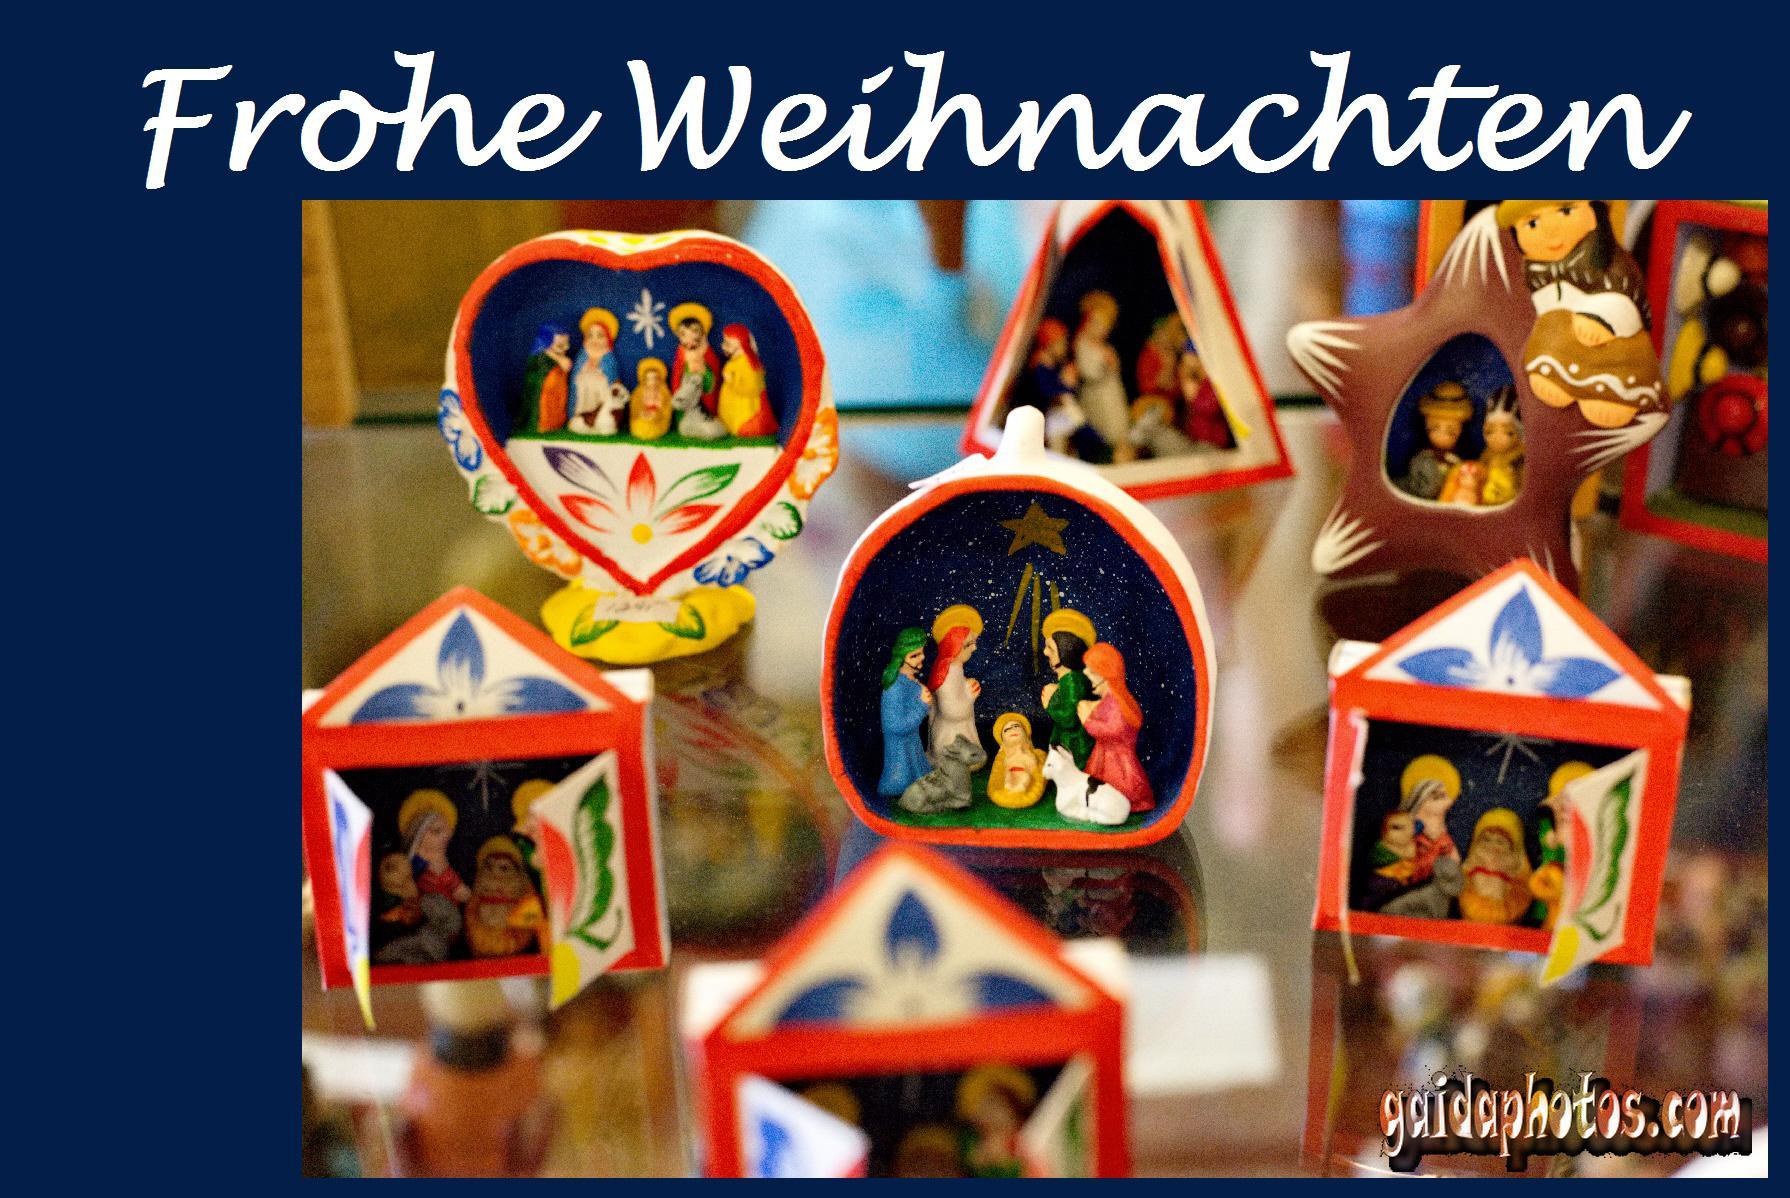 Weihnachtskarten drucken krippenbilder - Weihnachtskarten drucken gratis ...